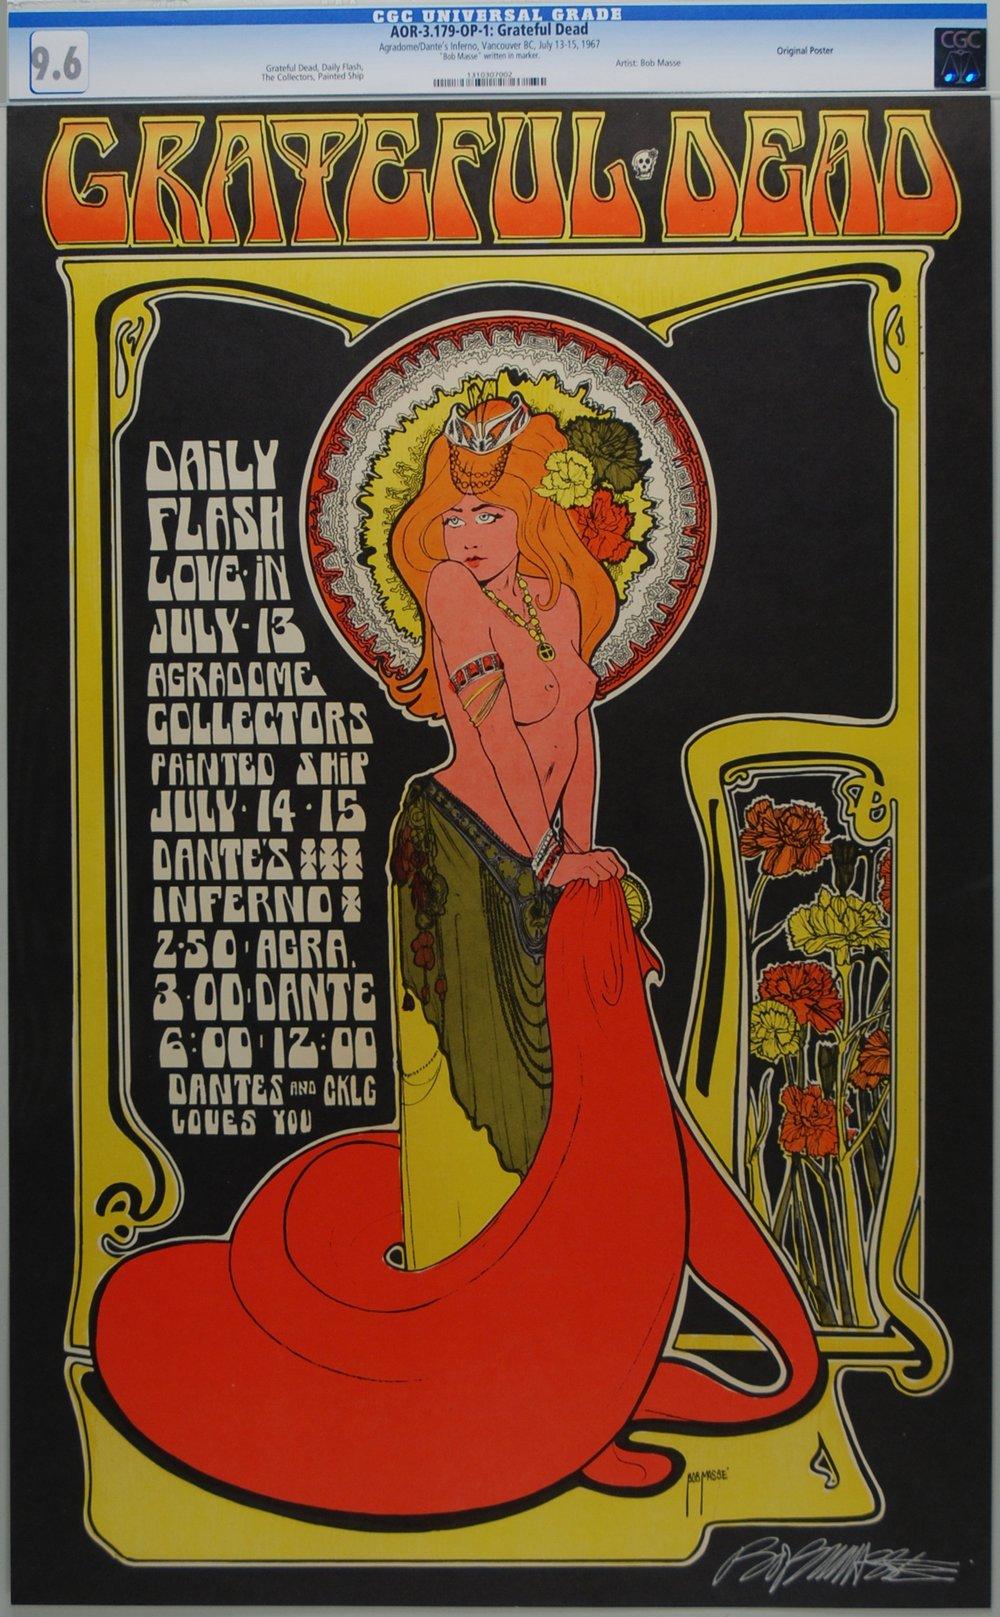 Grateful Dead Vintage Concert poster.jpg